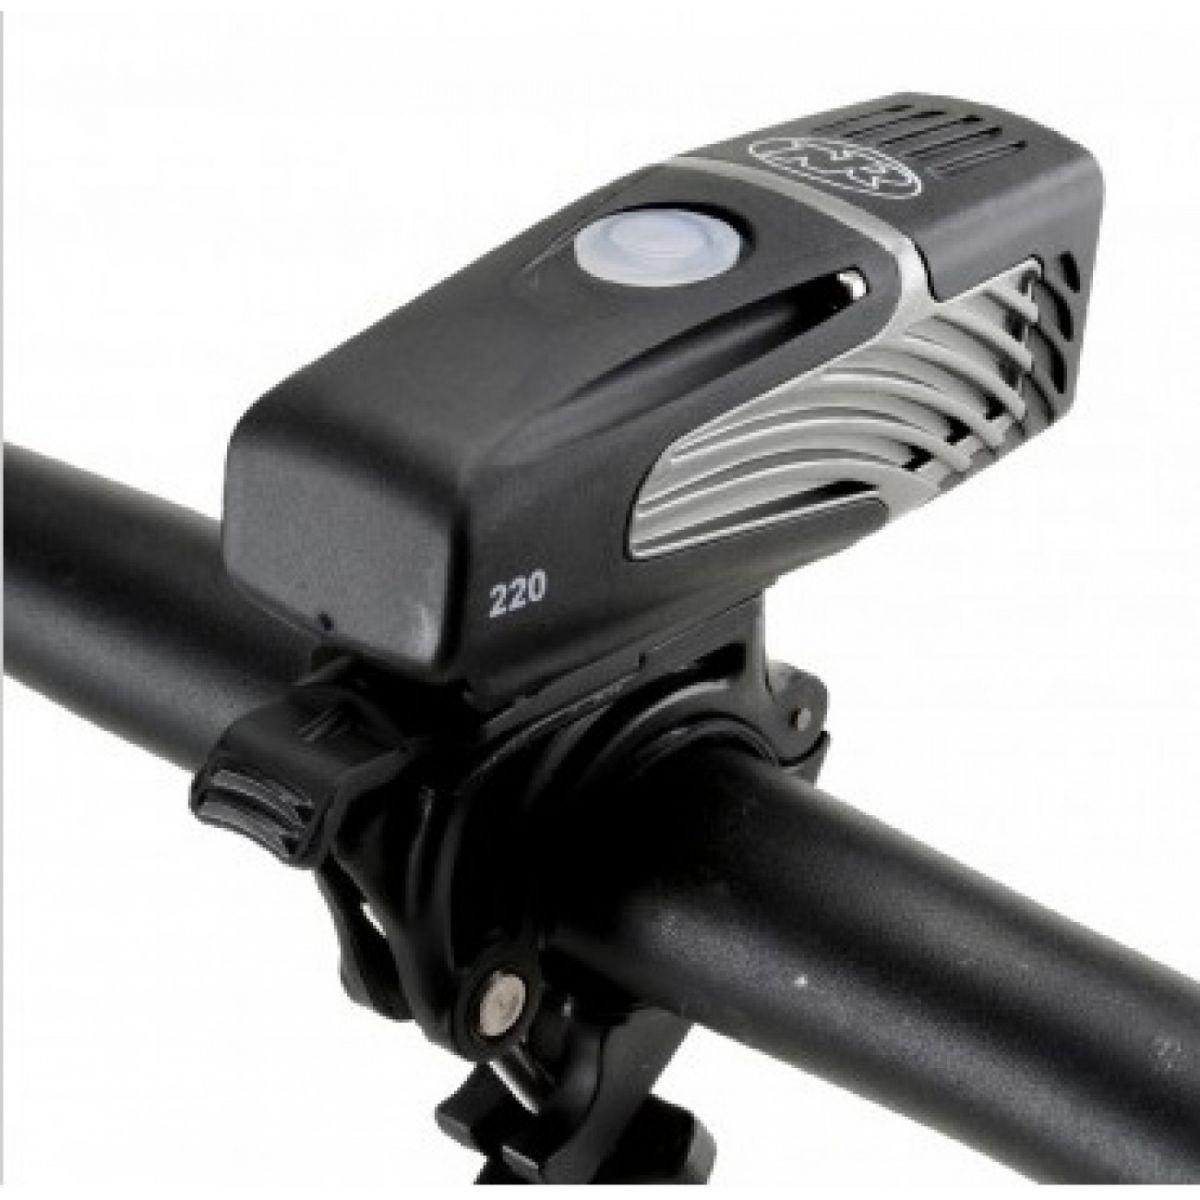 Farol / Luz / Lanterna Dianteiro NiteRider Lumina 220 para Bike